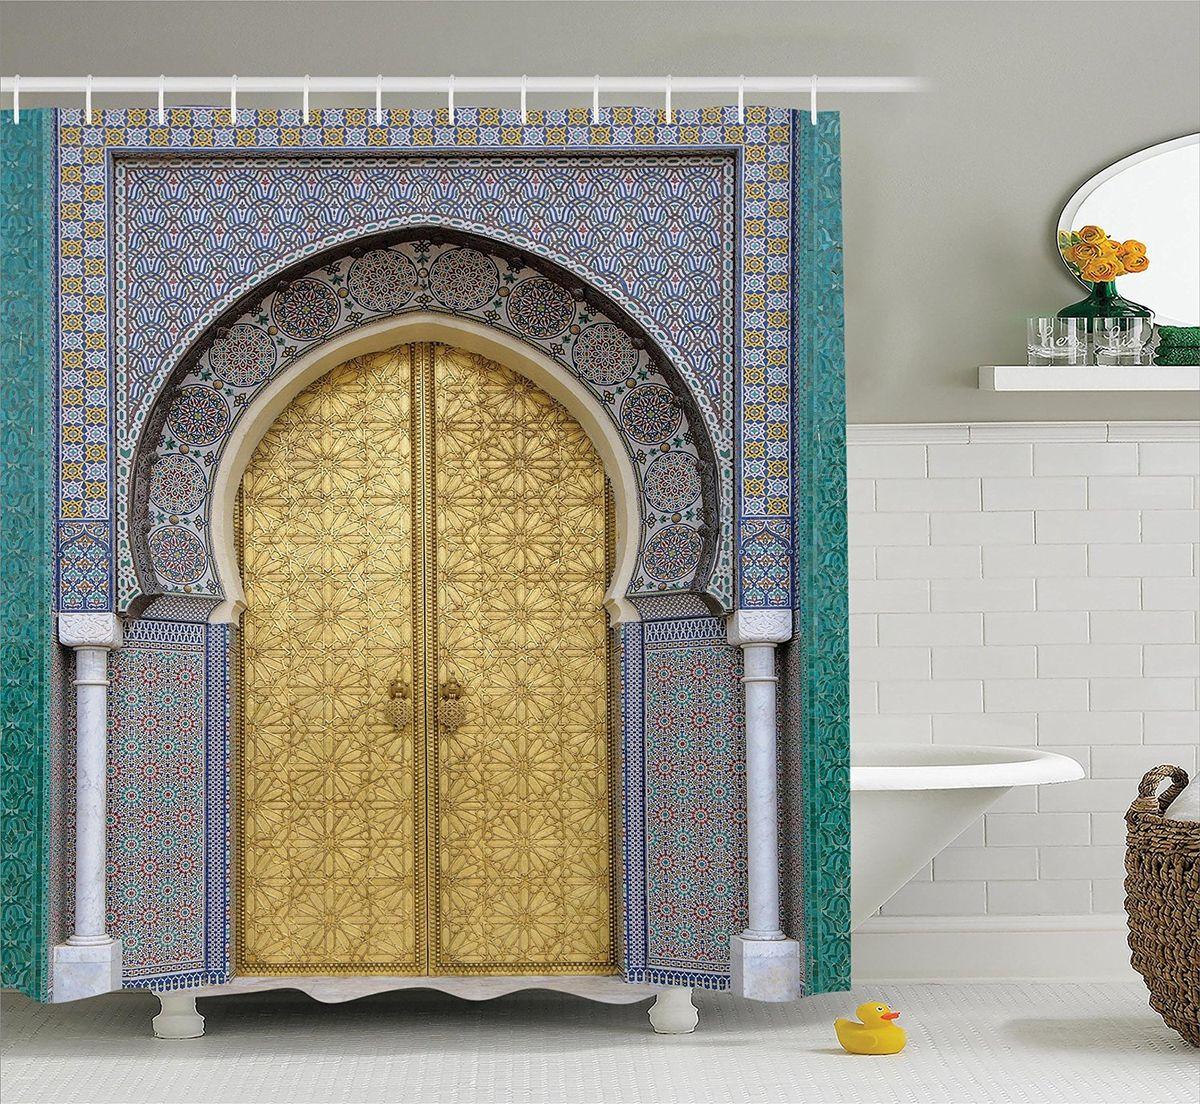 """Штора Magic Lady """"Дверь с арабскими узорами"""", изготовленная из высококачественного сатена (полиэстер 100%), отлично дополнит любой интерьер ванной комнаты. При изготовлении используются специальные гипоаллергенные чернила для прямой печати по ткани, безопасные для человека.    В комплекте: 1 штора, 12 крючков. Обращаем ваше внимание, фактический цвет изделия может незначительно отличаться от представленного на фото."""